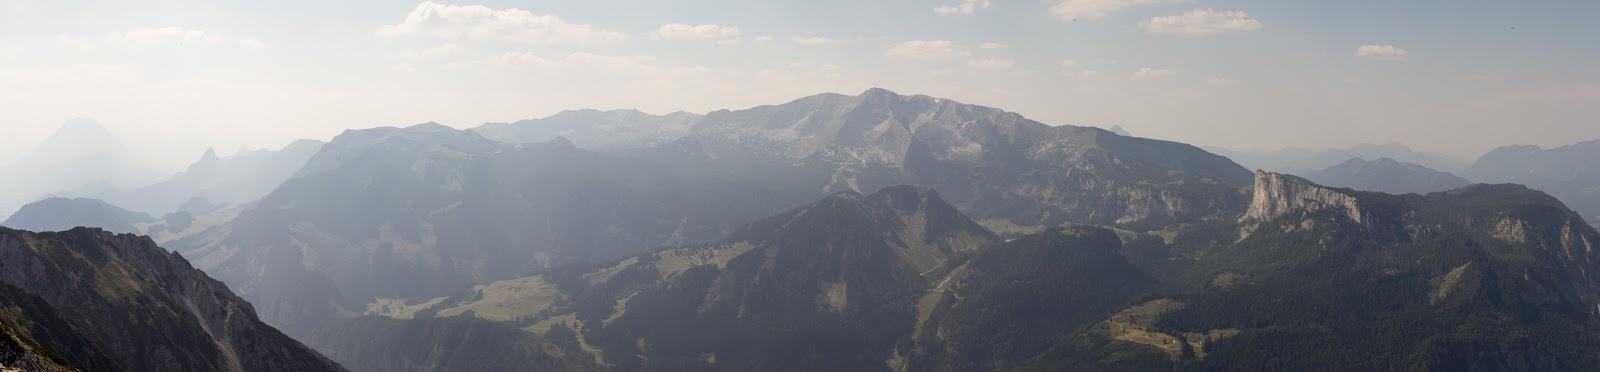 Von der Ardningeralmhütte über den Wildfrauensteig auf Frauenmauer, Bosruck und Kitzstein. - Panoramablick vom Bosruck